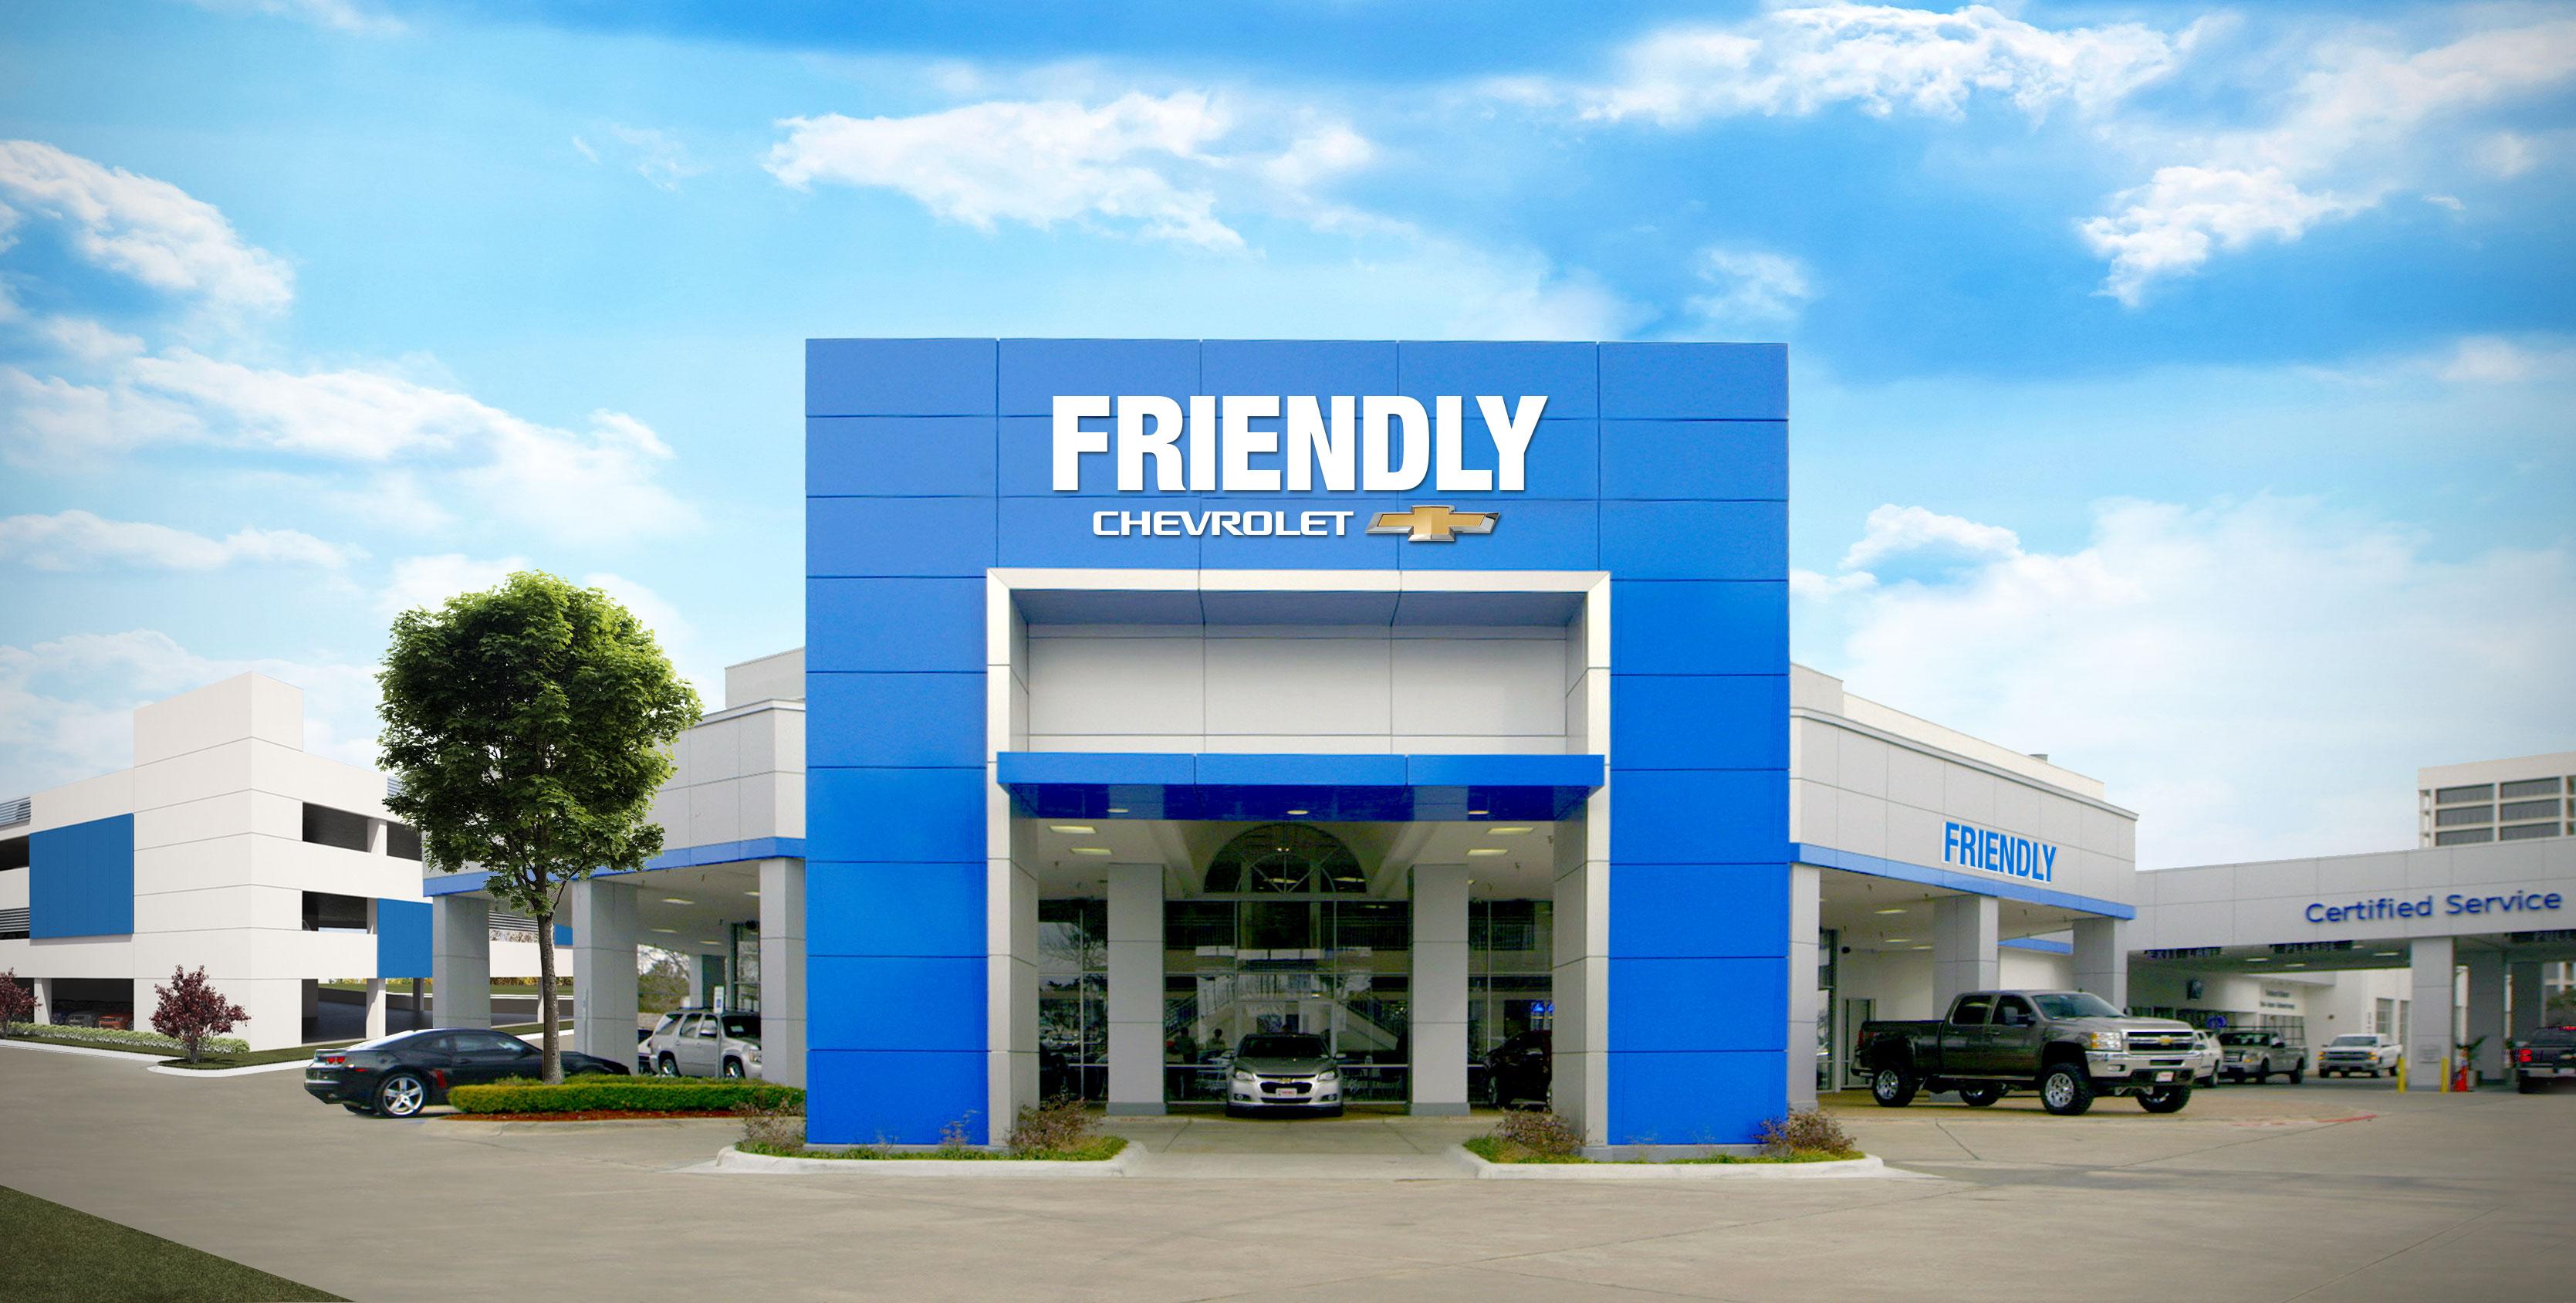 Chevy Dealership Dallas Tx >> Friendly Chevrolet 2754 N Stemmons Fwy Dallas Tx 75207